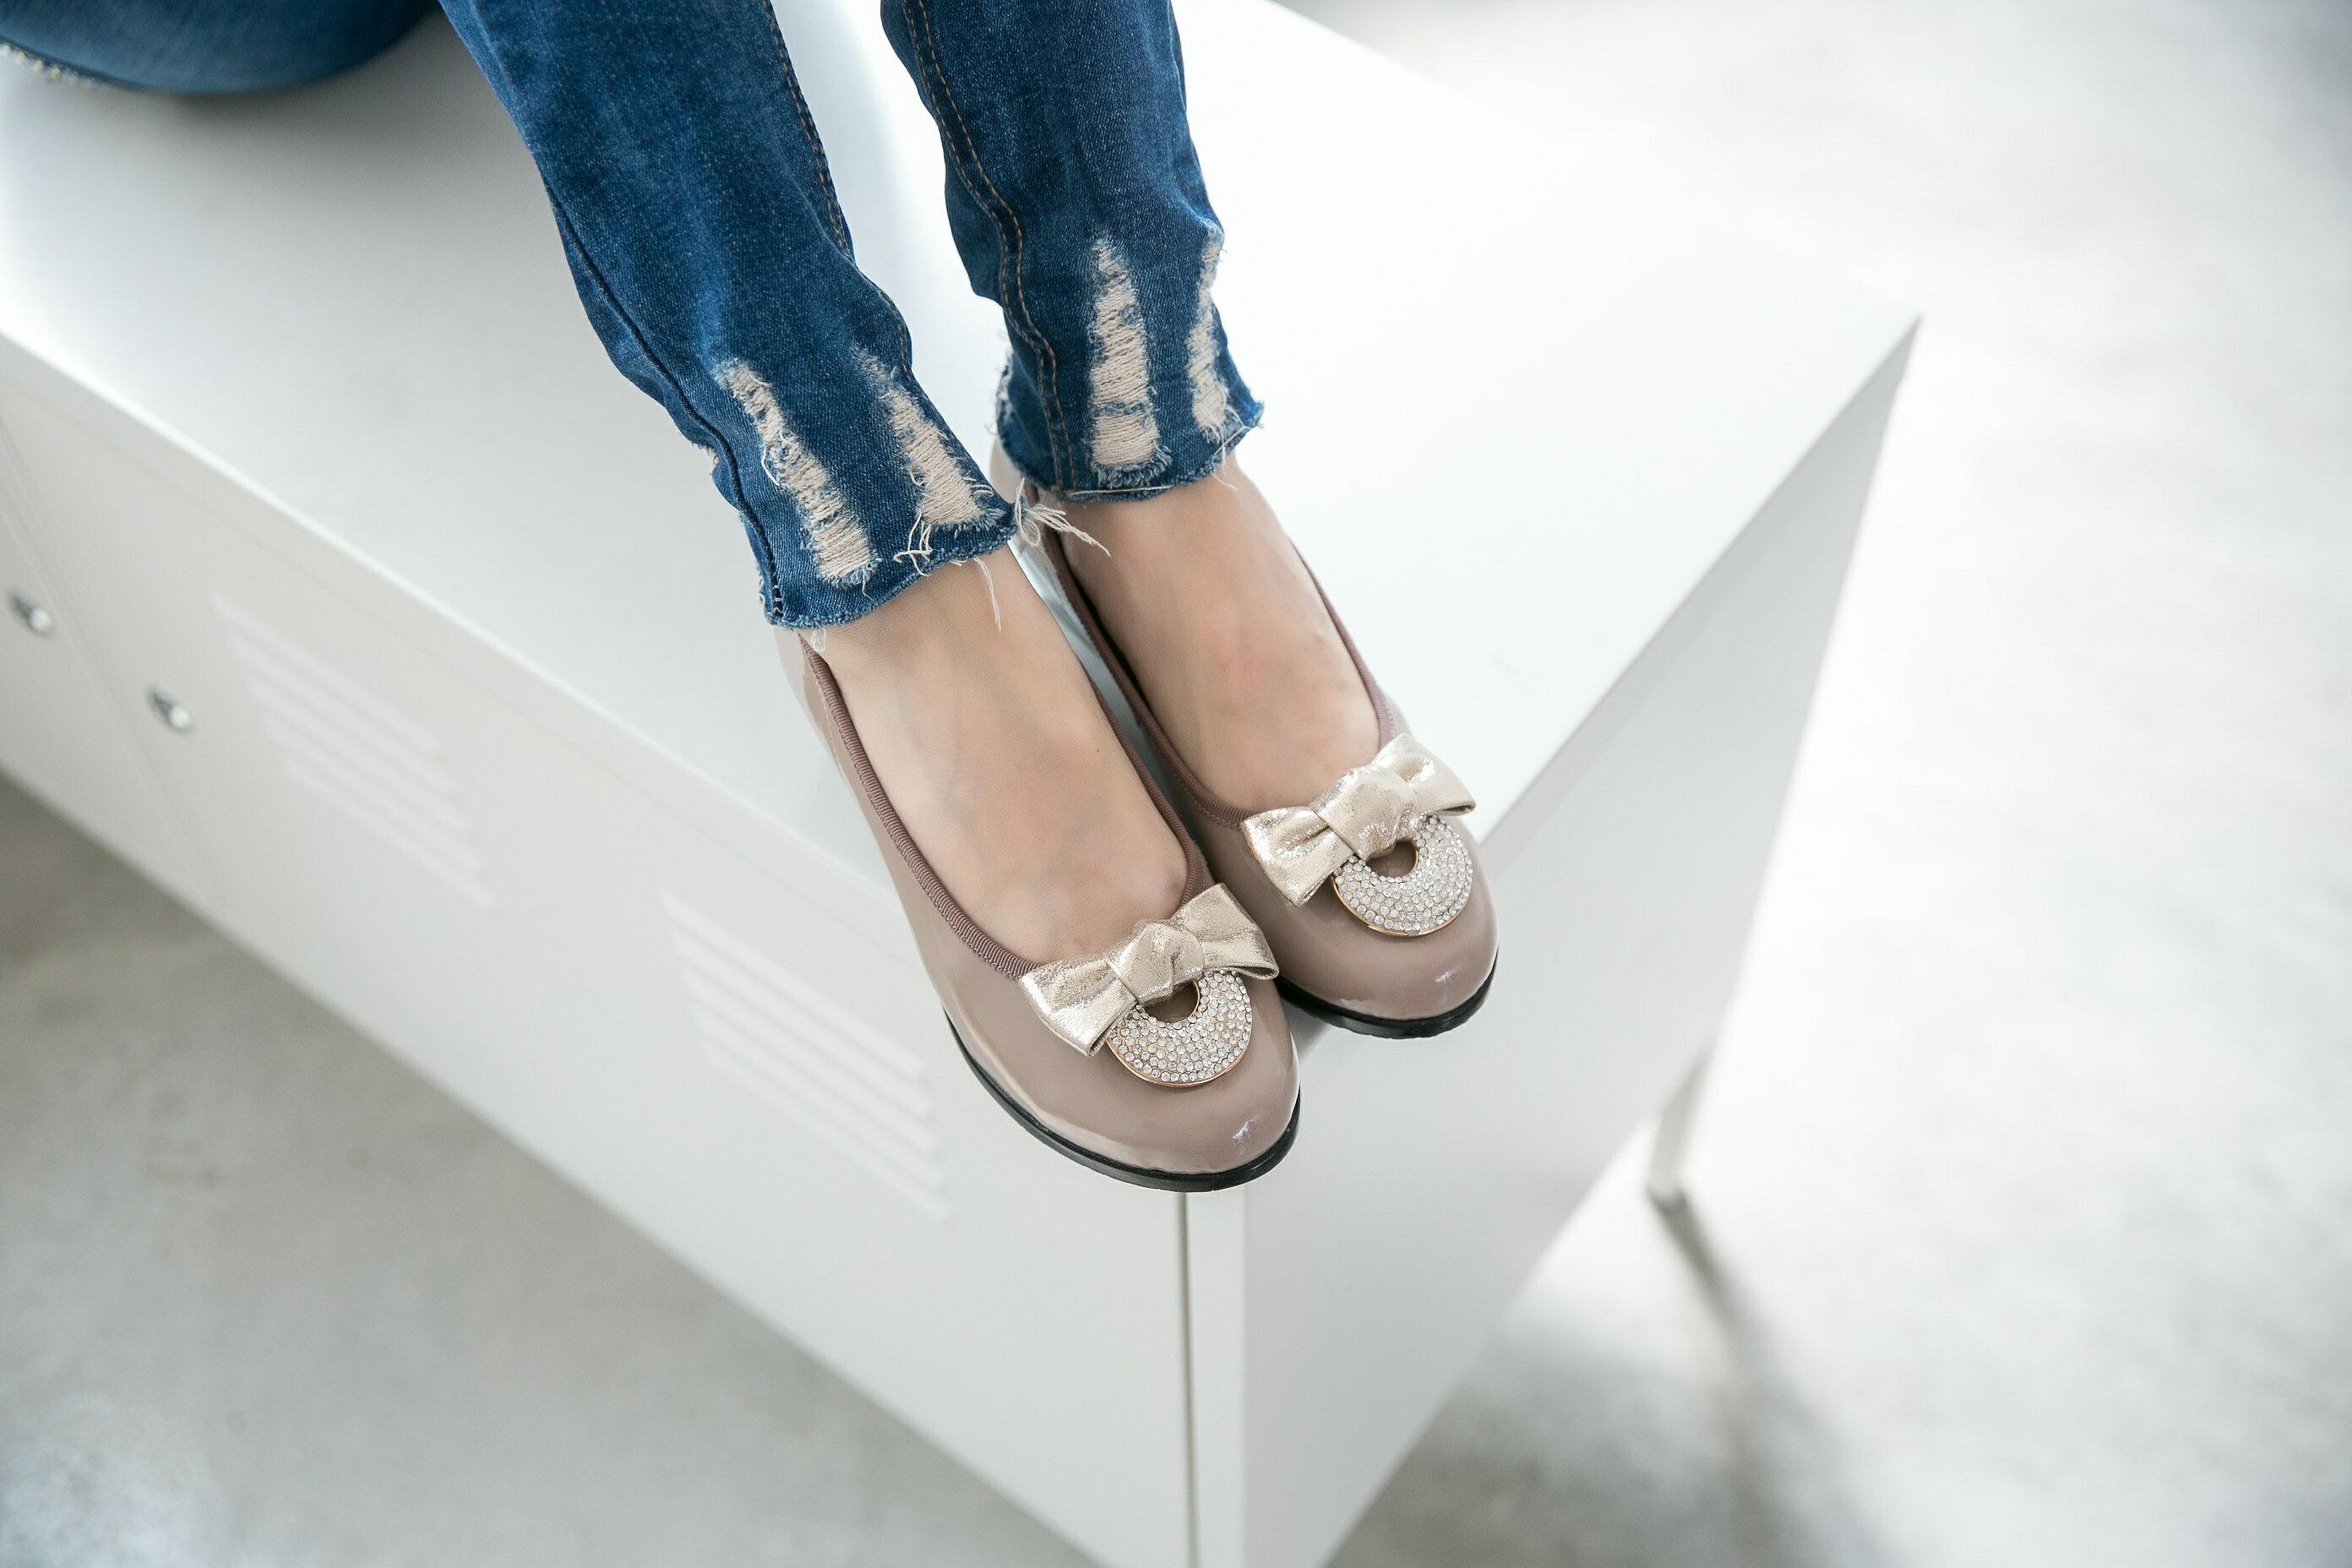 Aimez La Vie 經典優雅 鏡面真皮兩鑽飾釦蝴蝶結上班族OL 低跟鞋